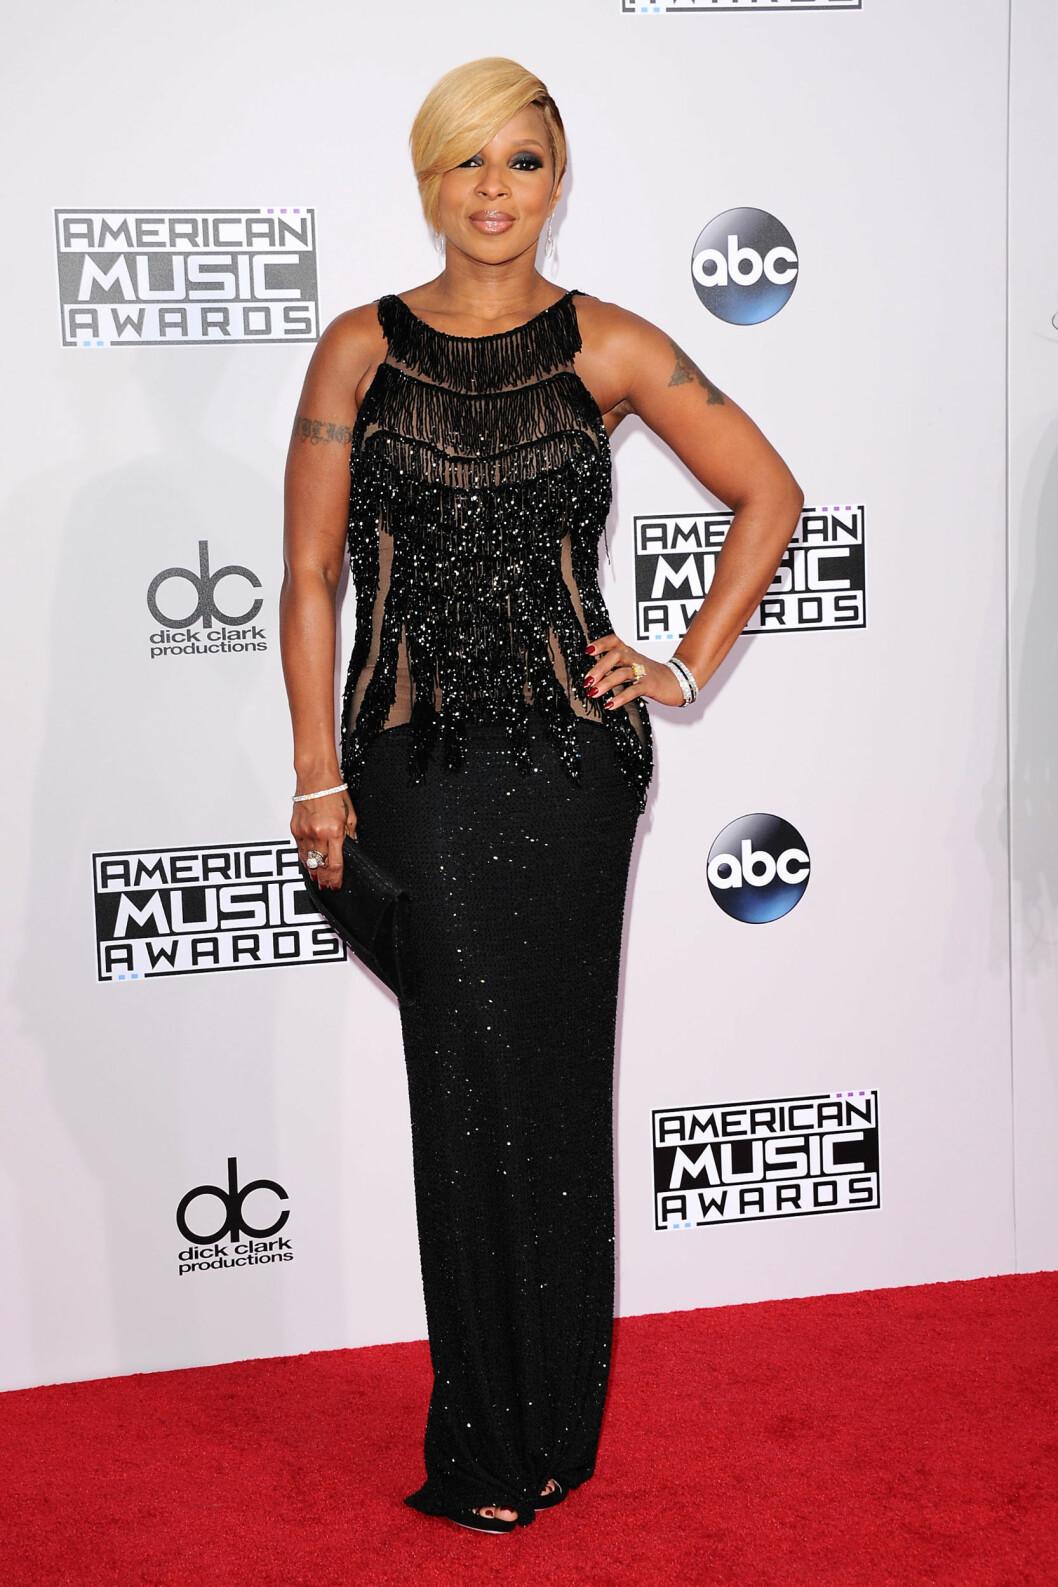 Mary J Blige Foto: KYLE ROVER/startraksphoto.com/Al